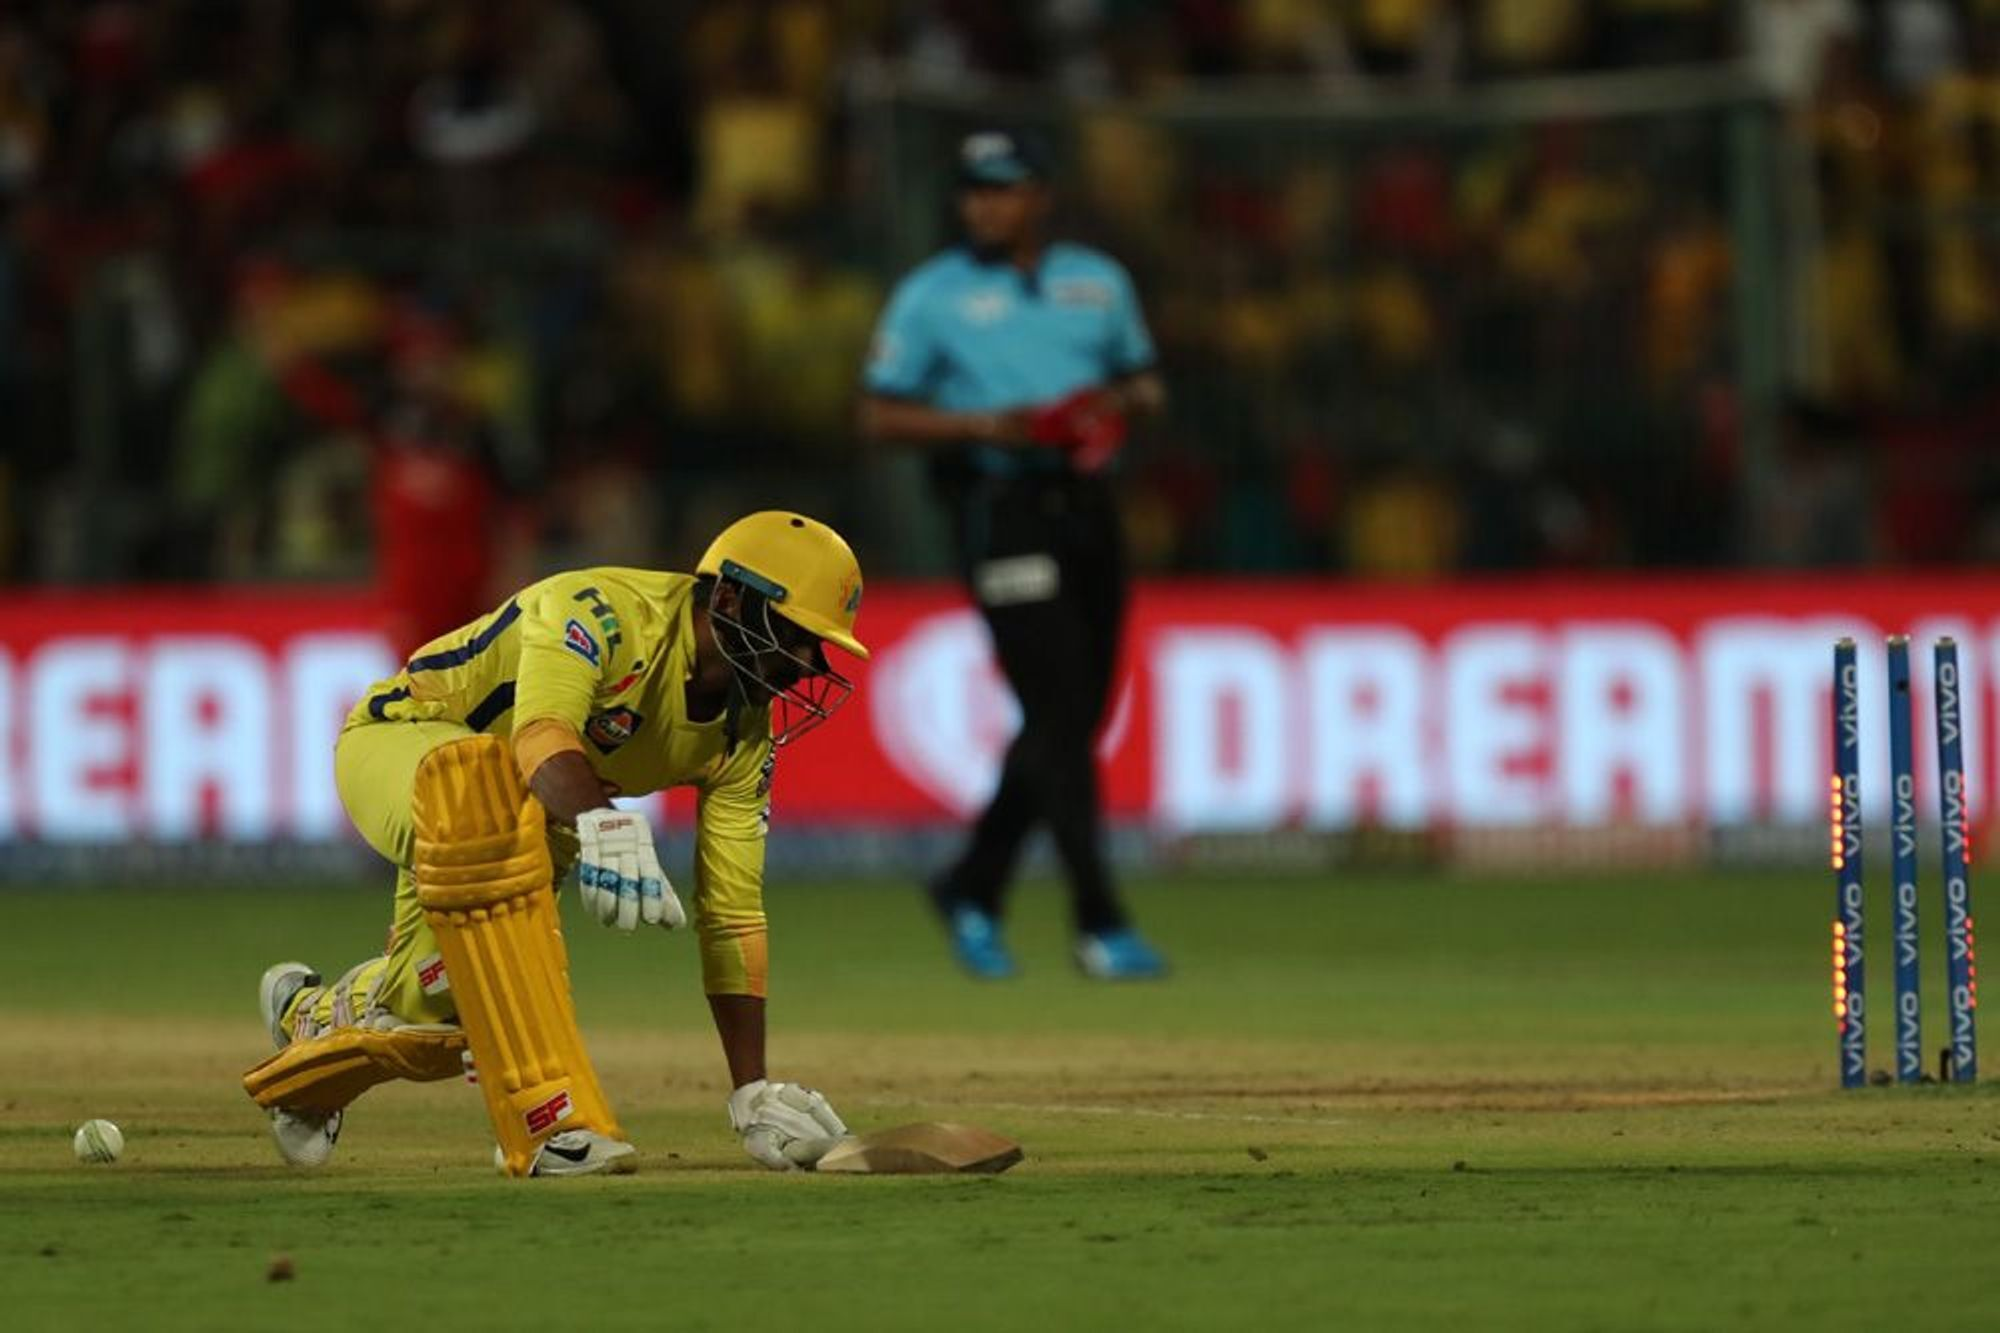 आईपीएल 2019: पार्थिव पटेल की बदौलत रोमांचक मैच में जीता बैंगलोर तो मोहम्मद सिराज ने किया कुछ ऐसा जीत लिया दिल 2